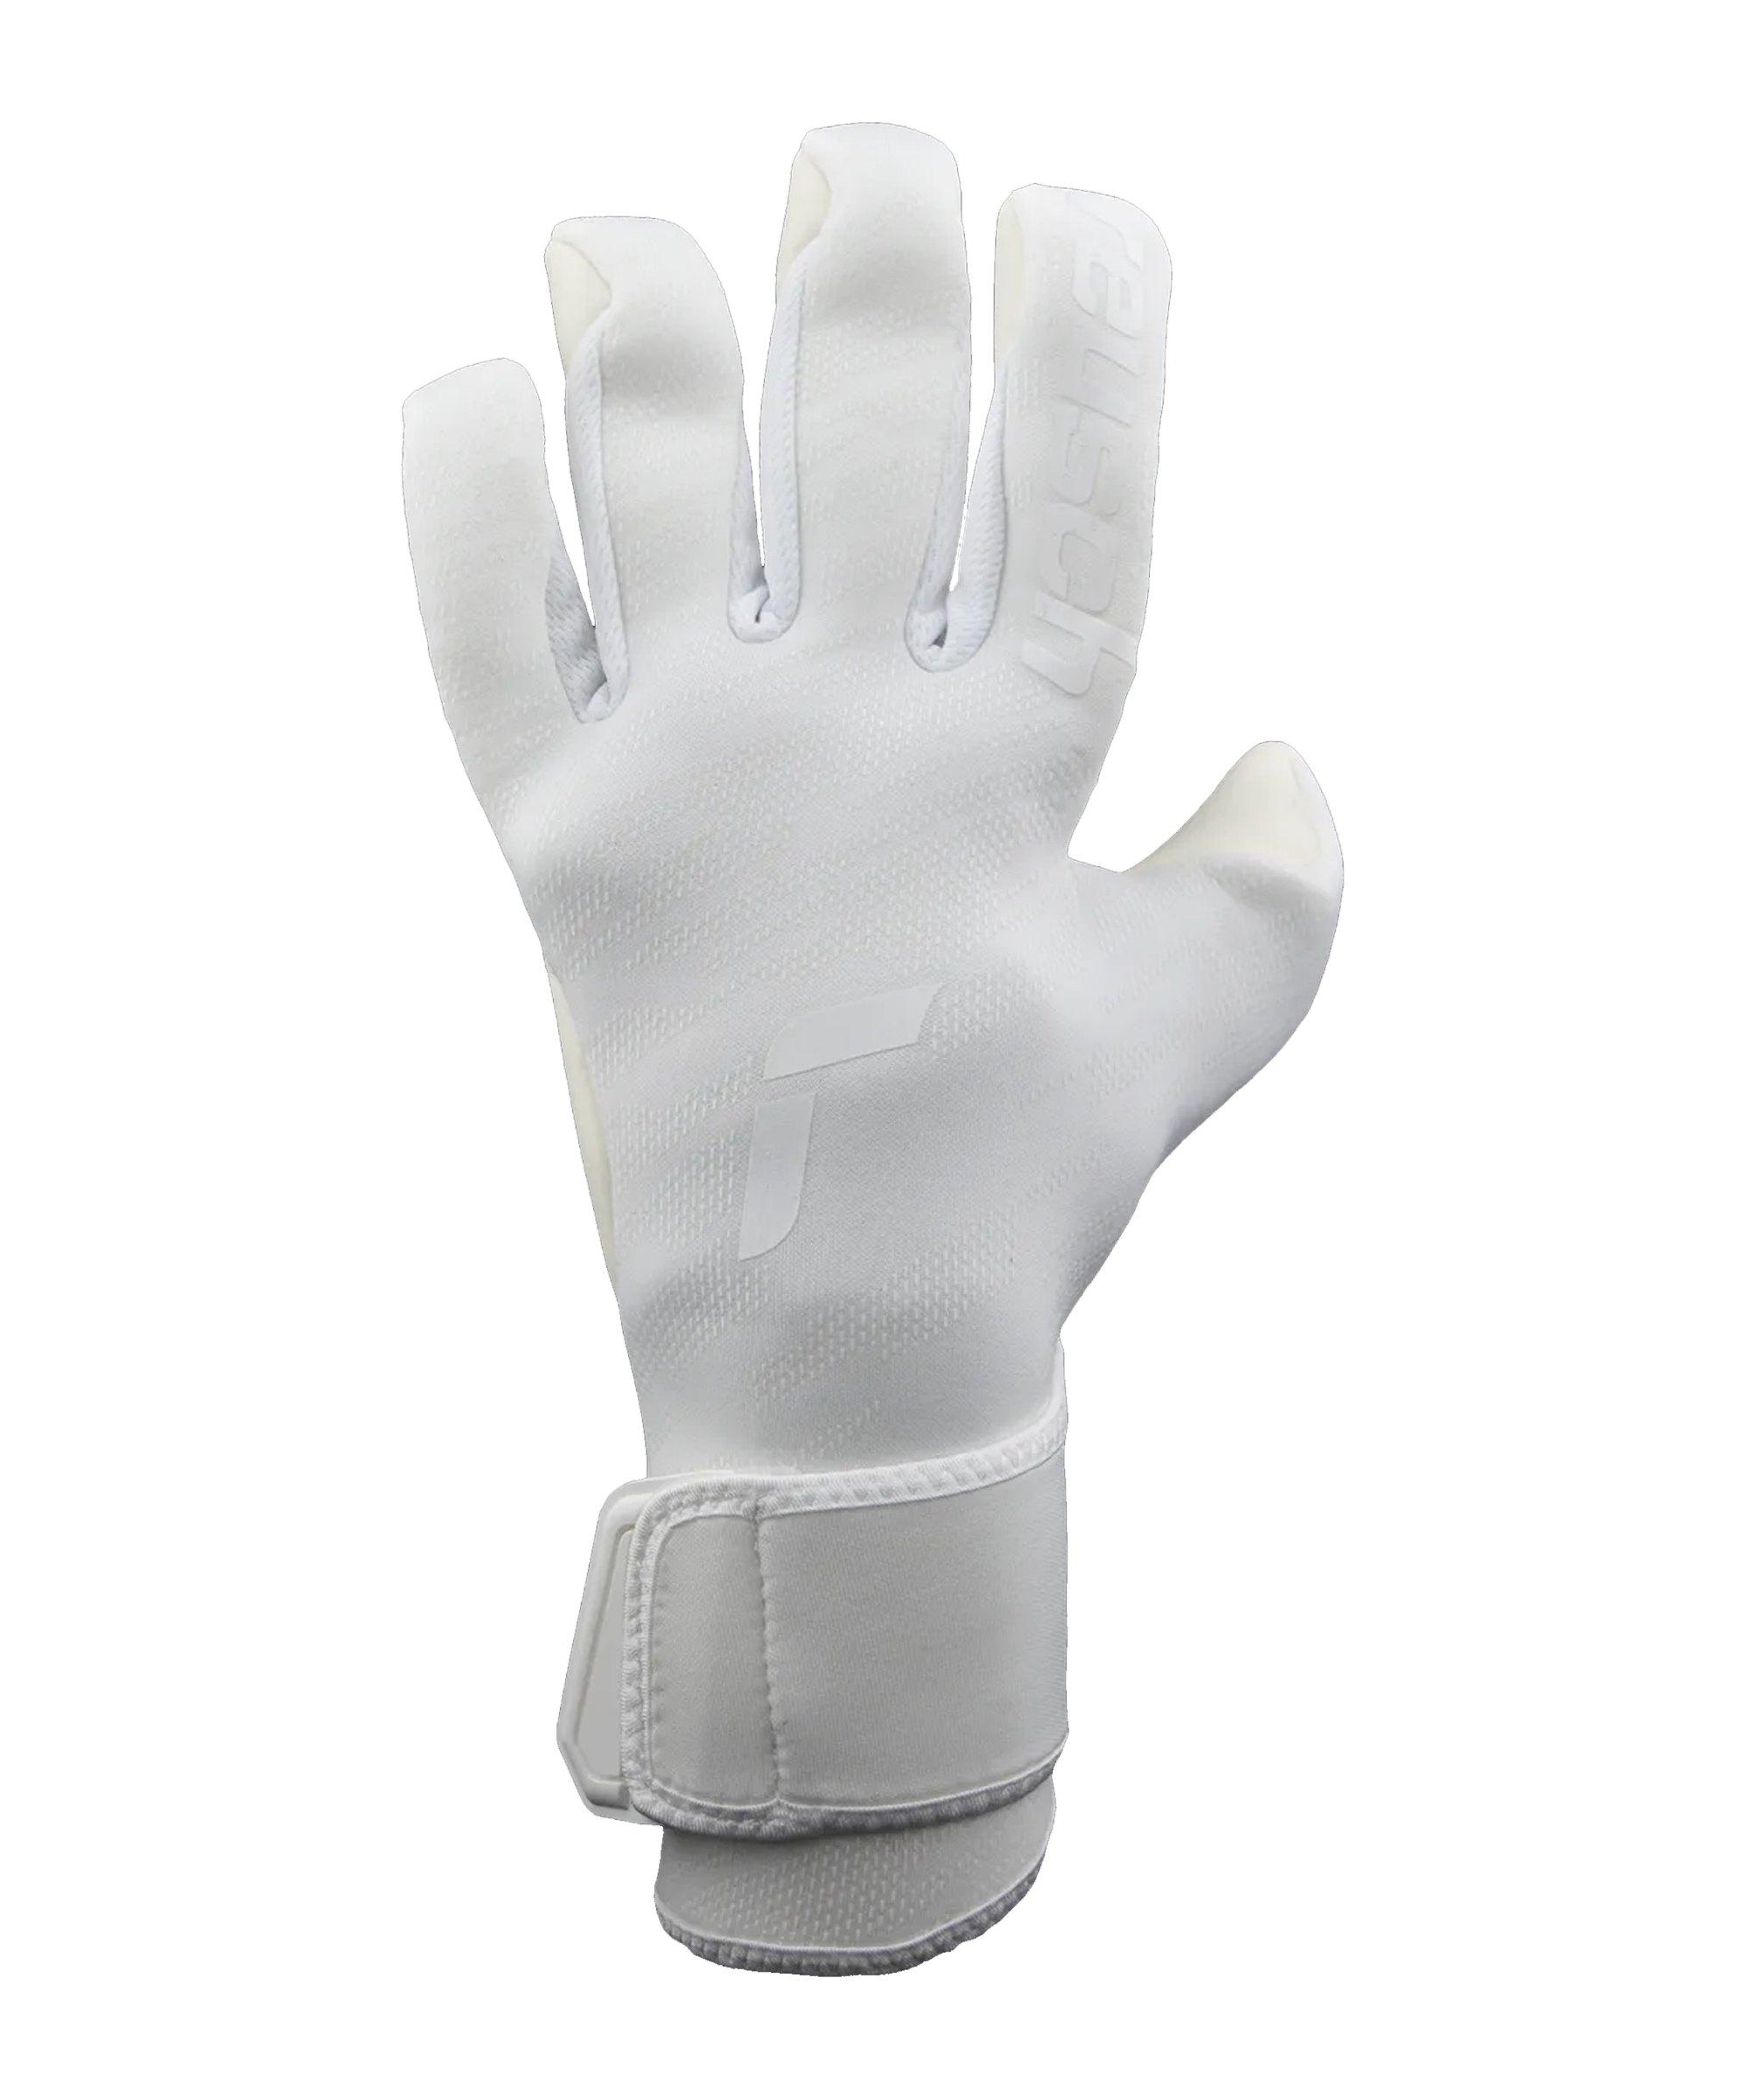 Reusch Contact Totalwhite Silver KS TW-Handschuhe F1100 - weiss